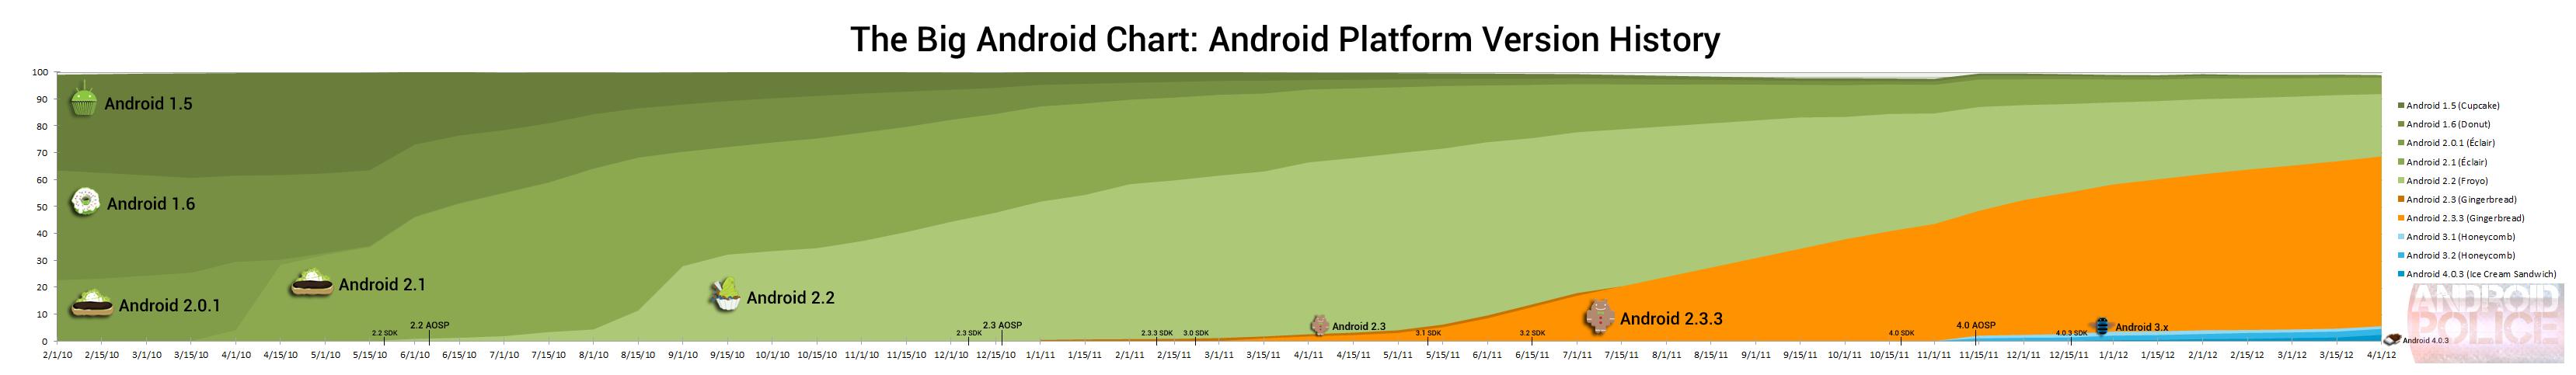 Die grosse Android Grafik - Android Updates der letzten zwei Jahre 2